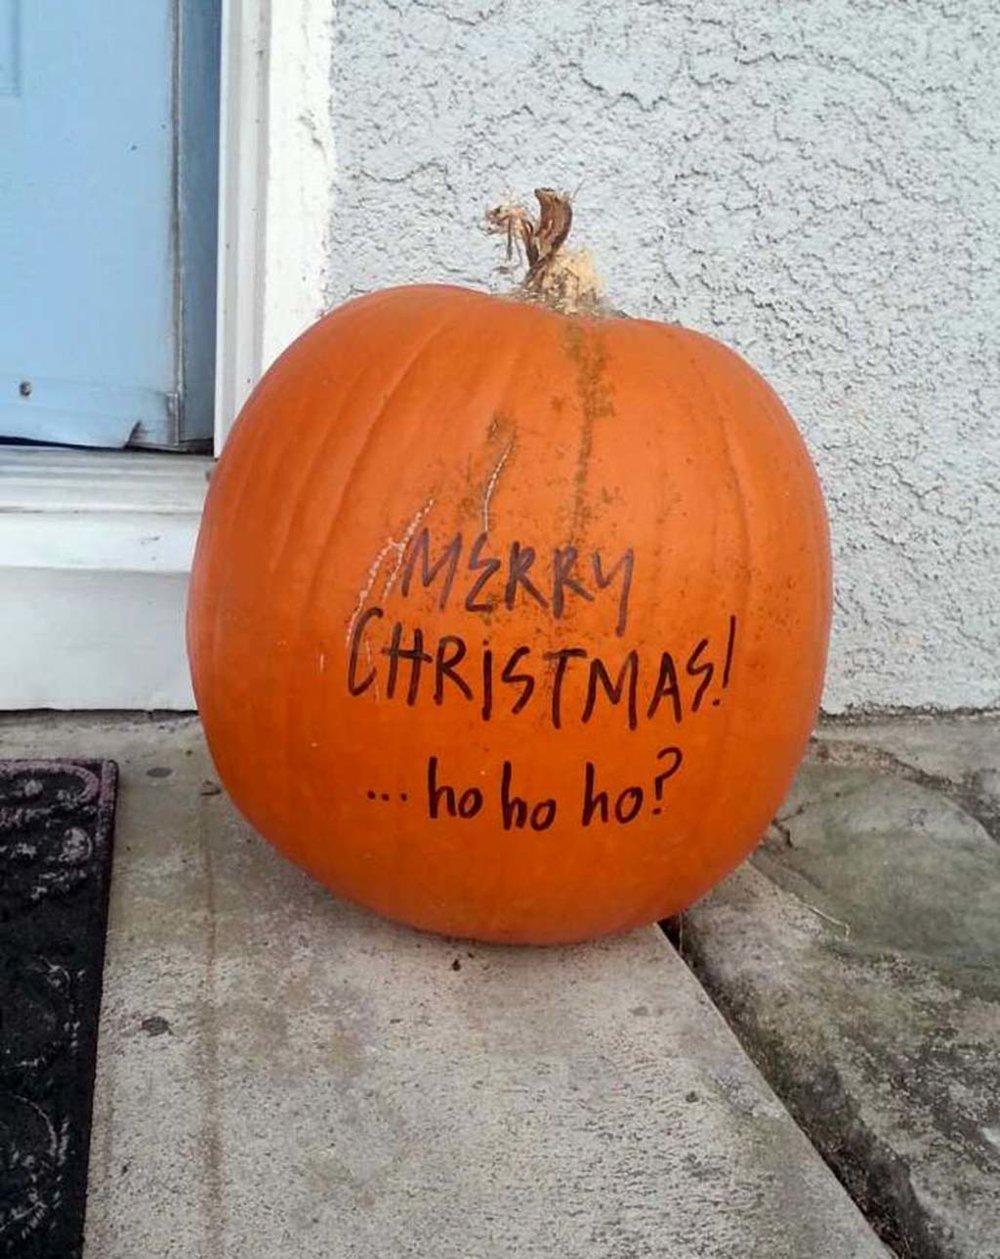 May là mình vẫn chưa dùng quả bí này cho Halloween.